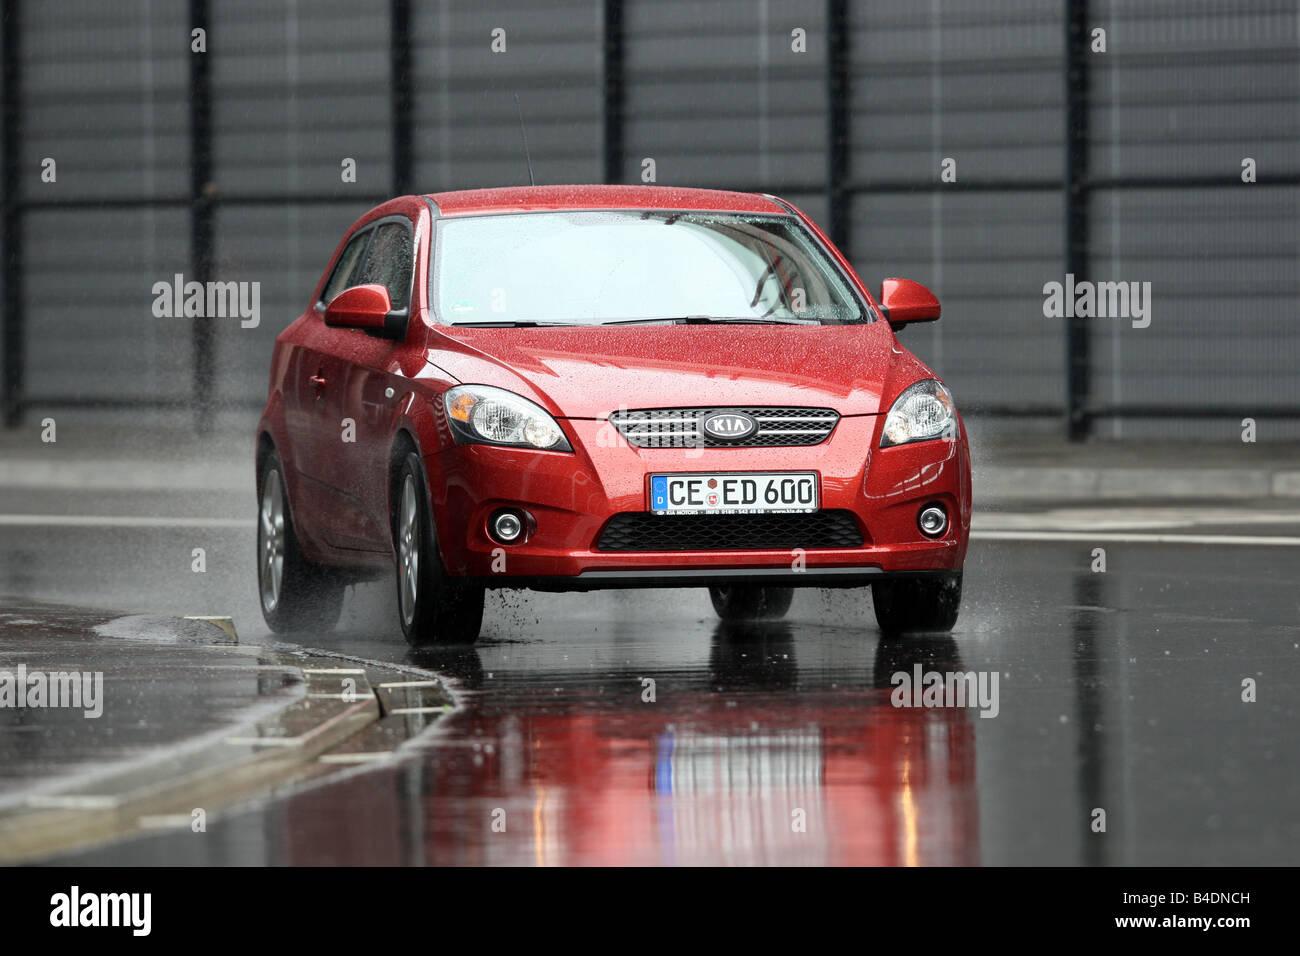 Kia Model Stock Photos & Kia Model Stock Images - Page 3 - Alamy